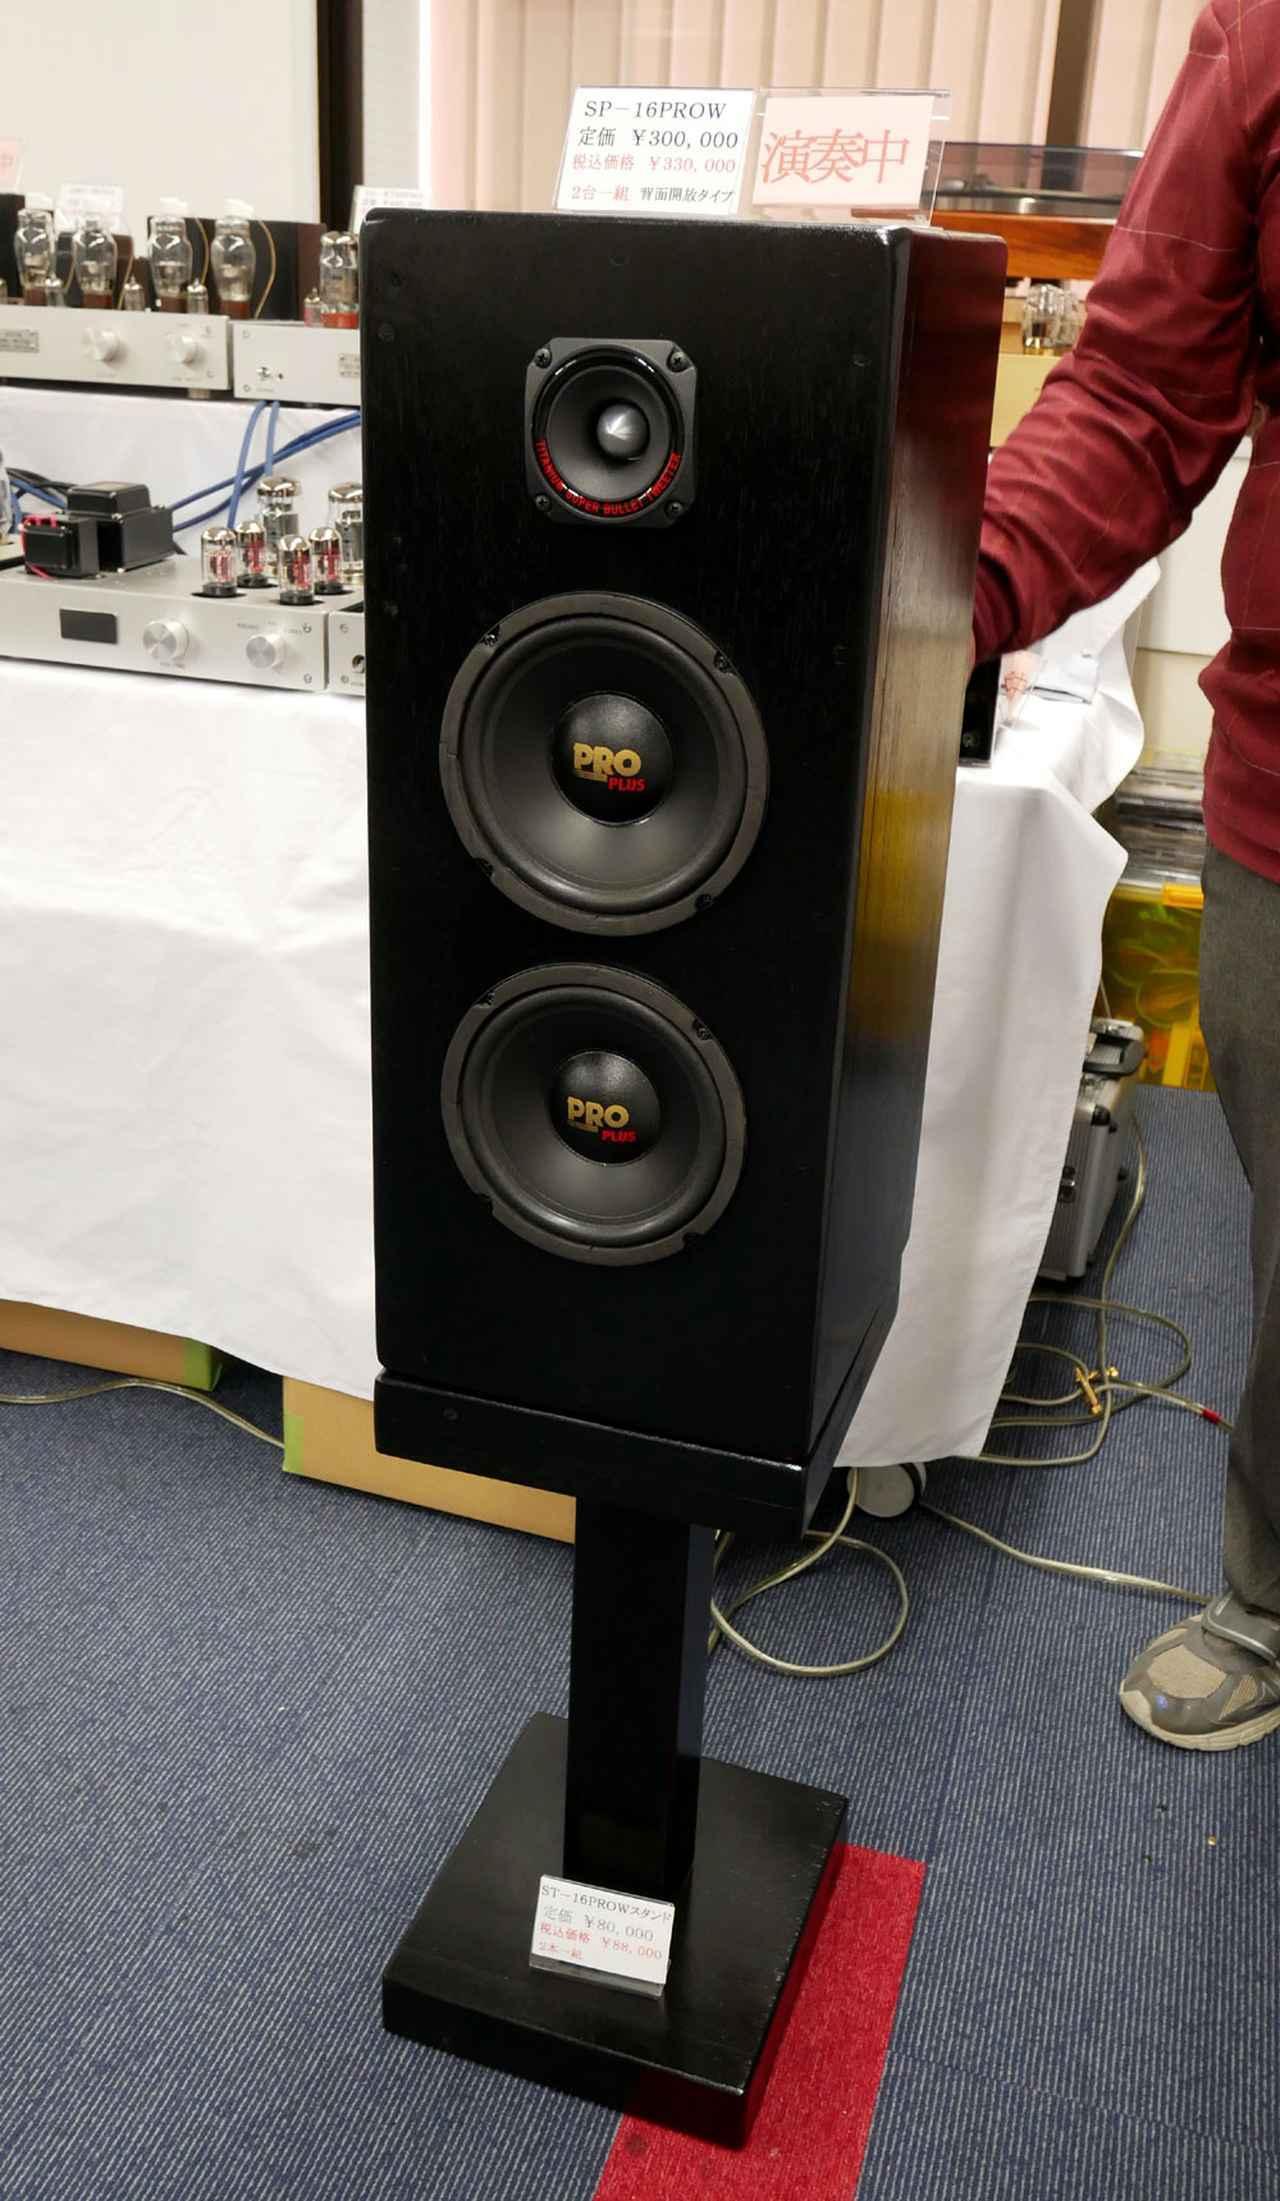 画像: ▲背面開放型スピーカー「SP-16PROW」¥300,000(ペア、税別、スタンド別)